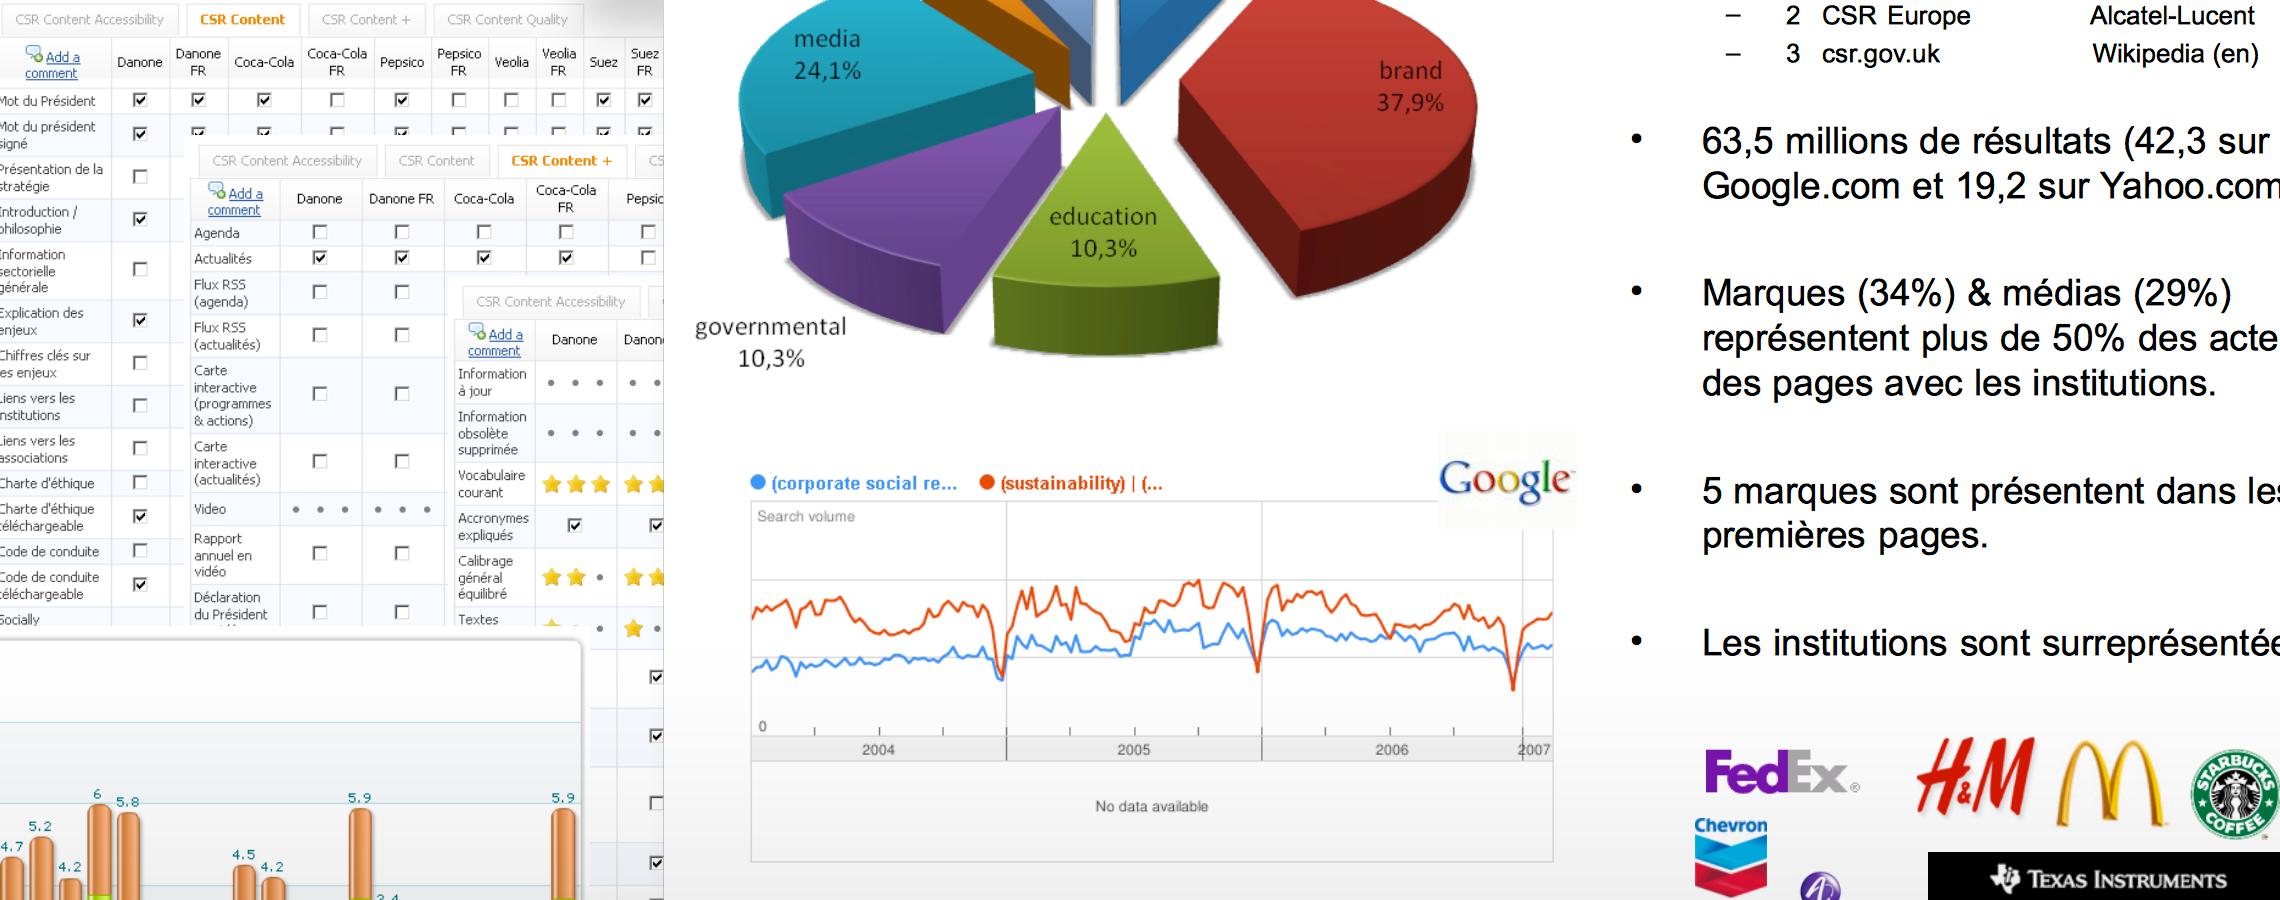 Notre étude CSR/RSE sur Yahoo!, ZDNet et Indexel